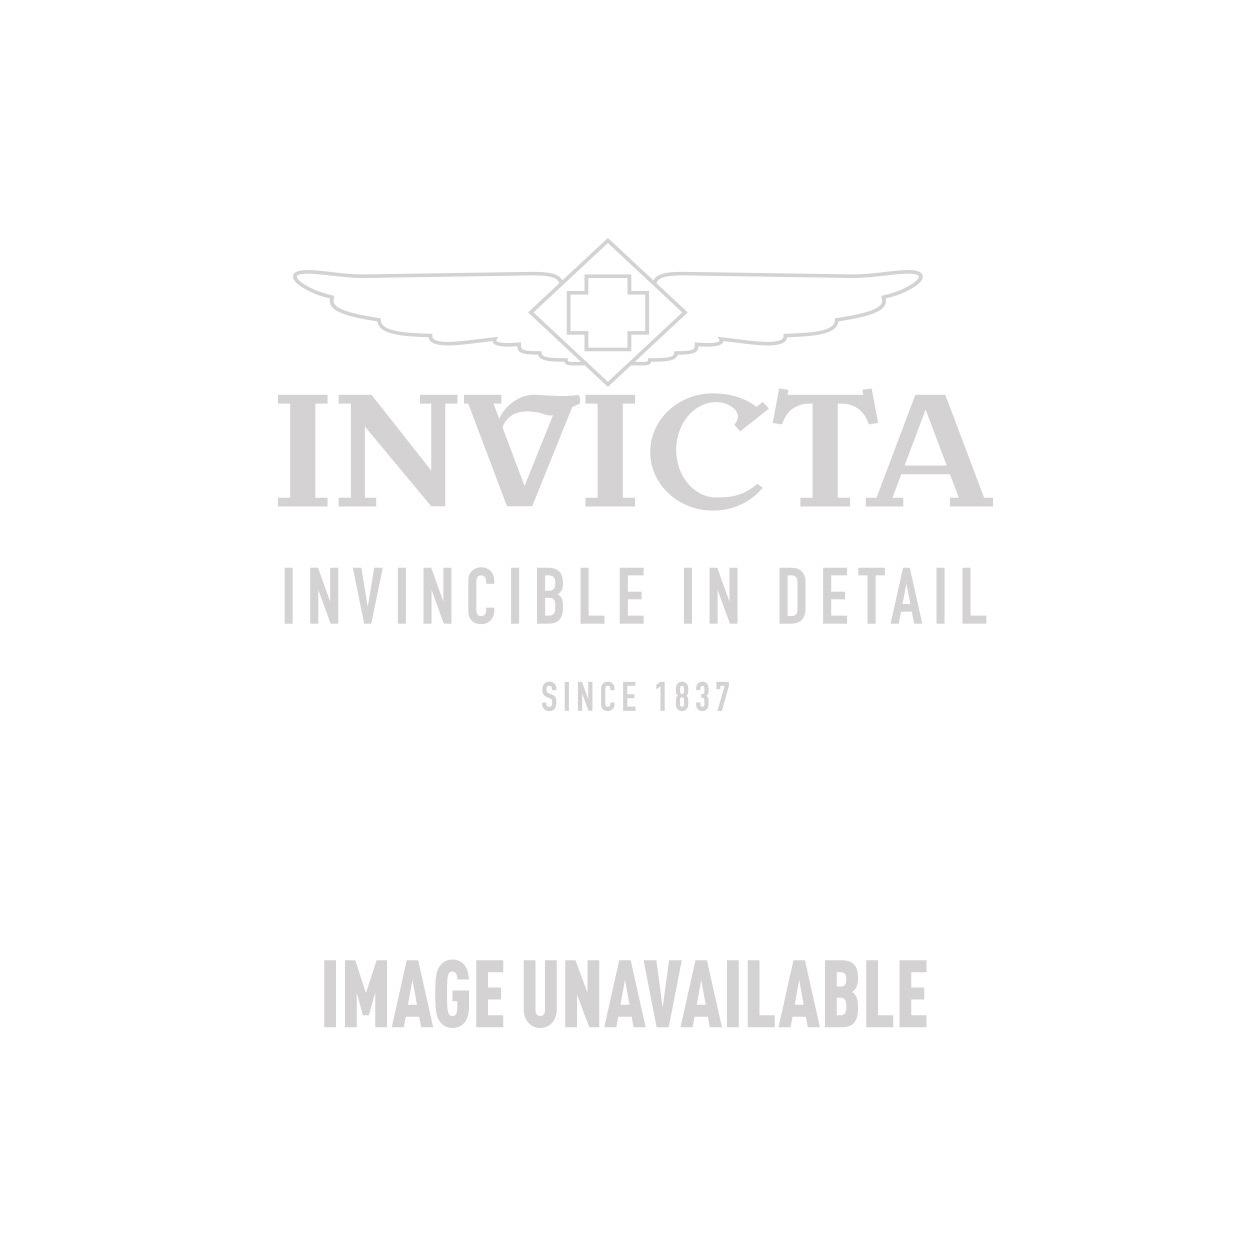 Invicta Model 25620